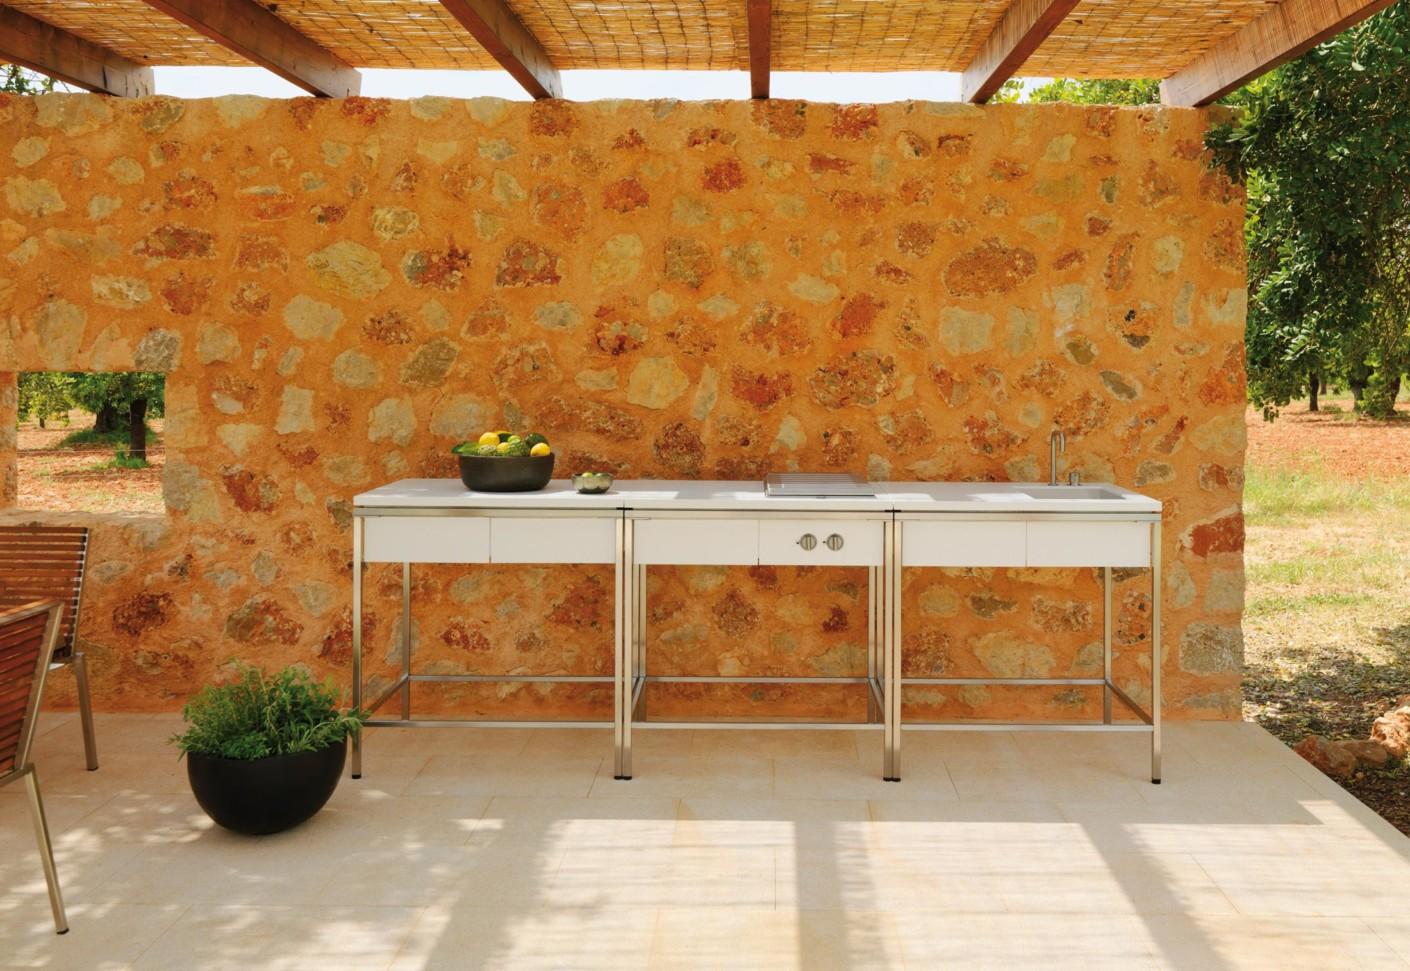 outdoor kitchen sink modul outdoor kitchen sink Outdoor Kitchen sink modul